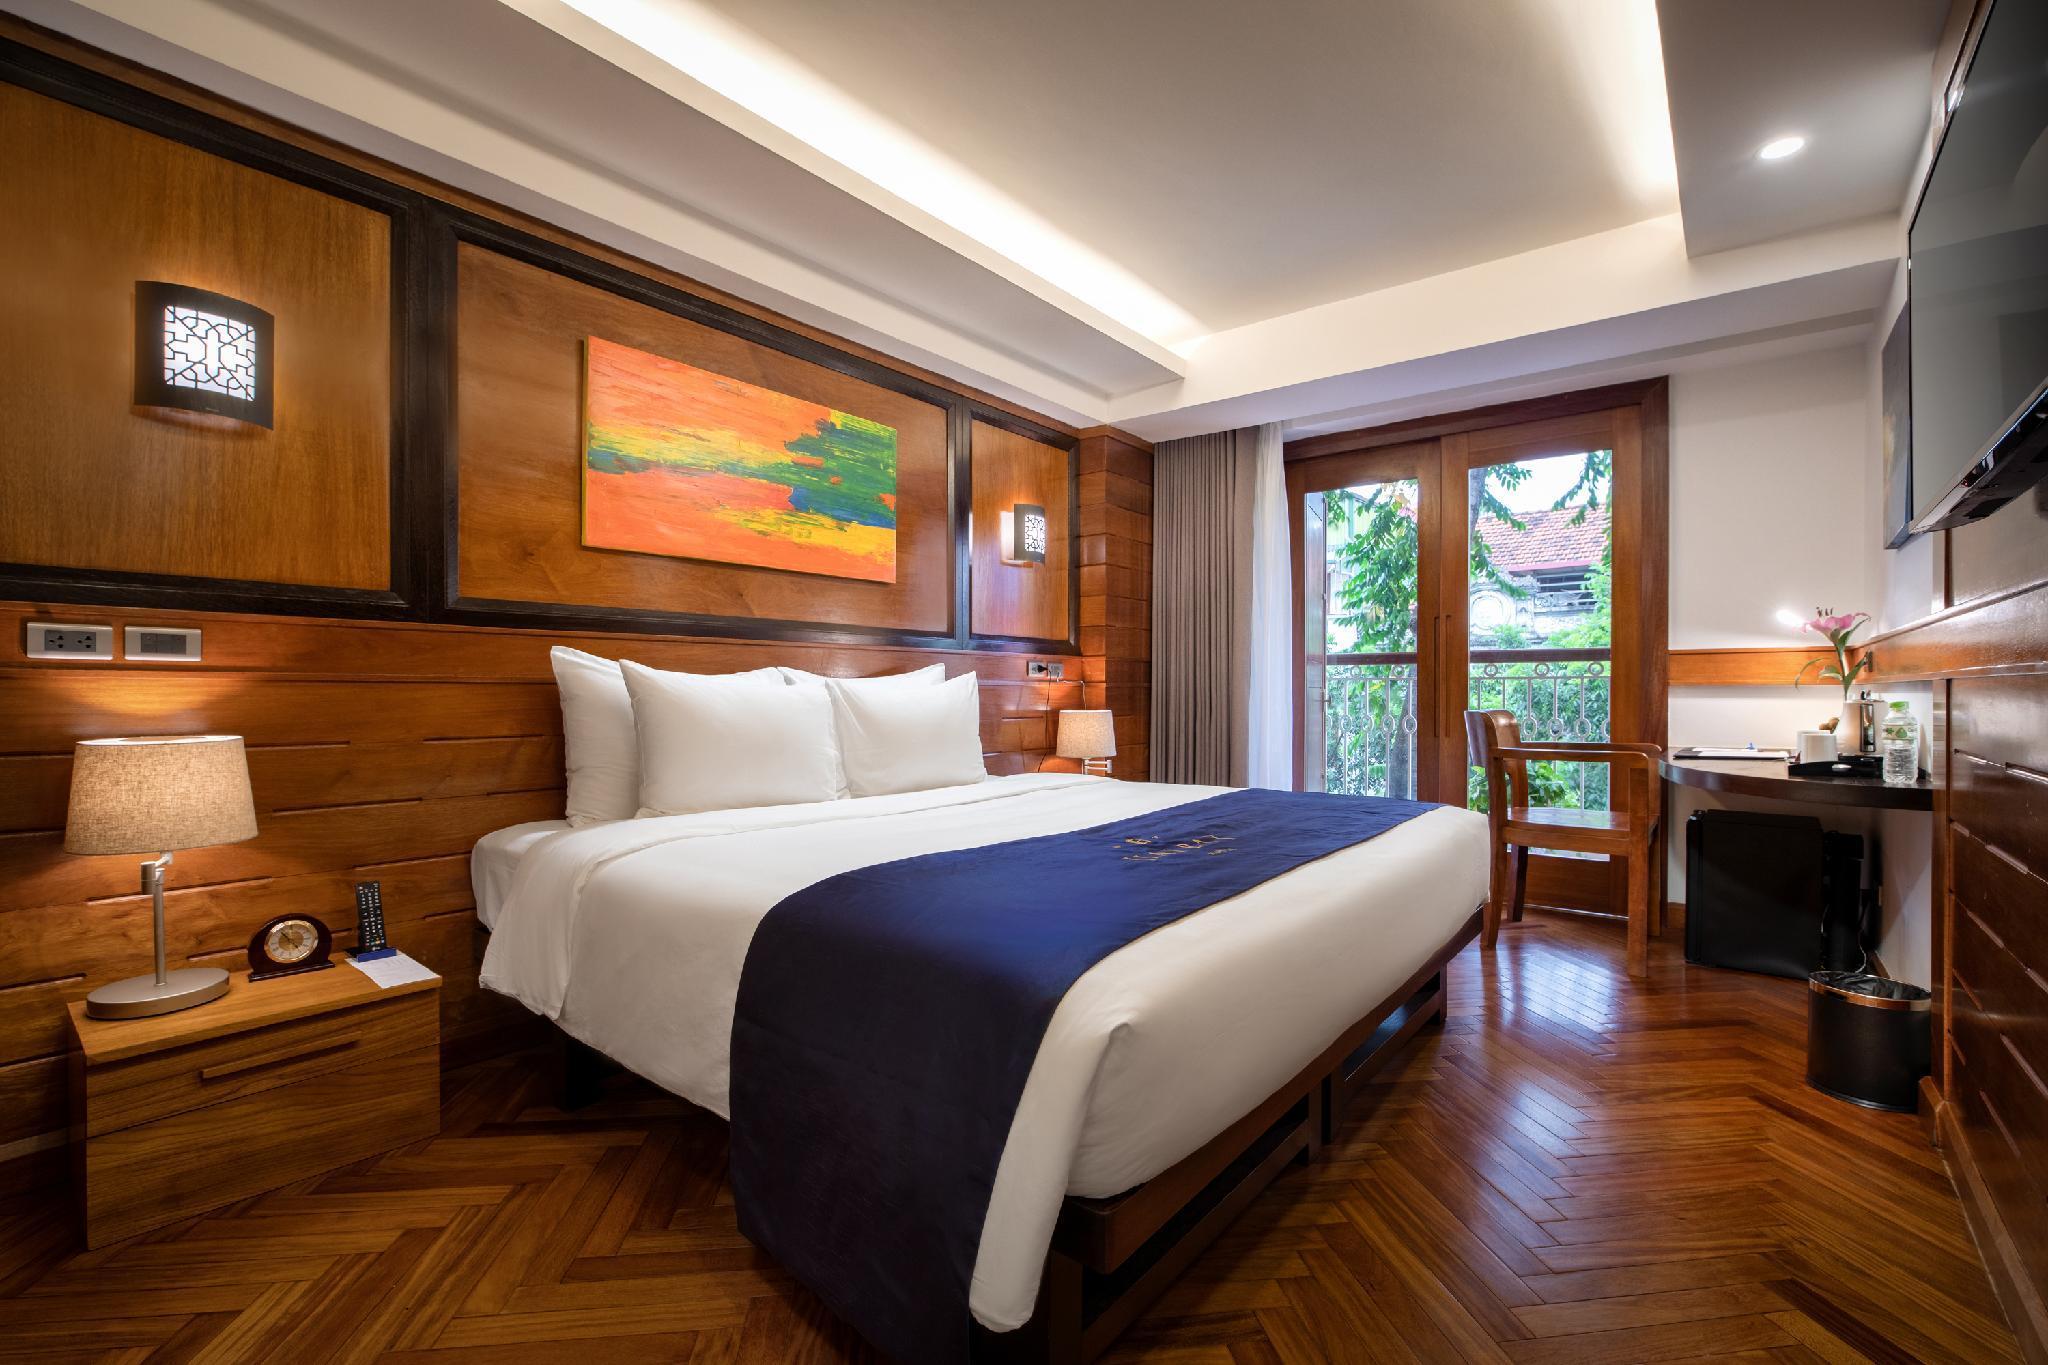 Hai Bay Hotel And Restaurant